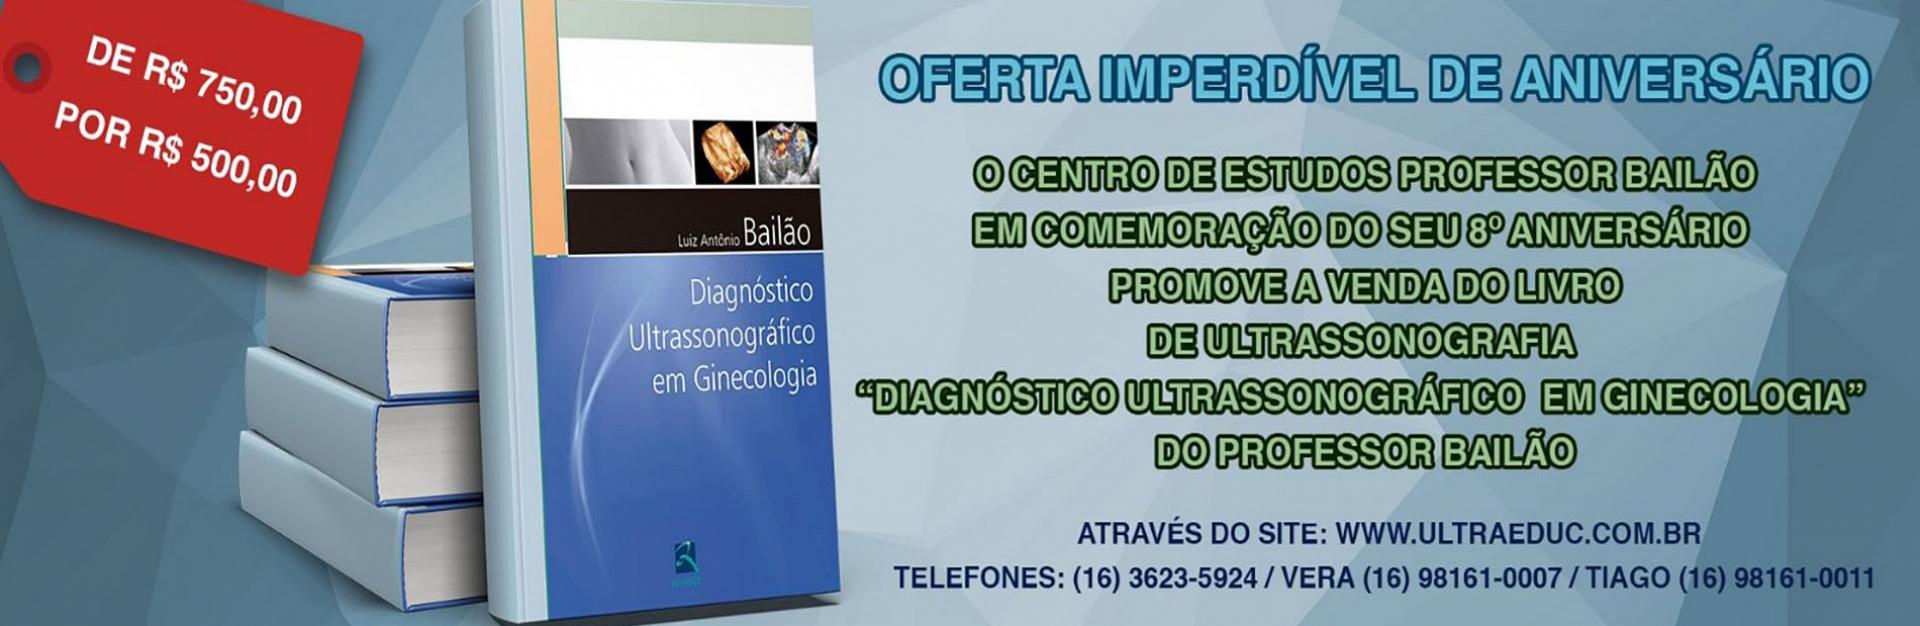 LIVRO DE ULTRASSONOGRAFIA  �DIAGN�STICO ULTRASSONOGR�FICO  EM GINECOLOGIA�